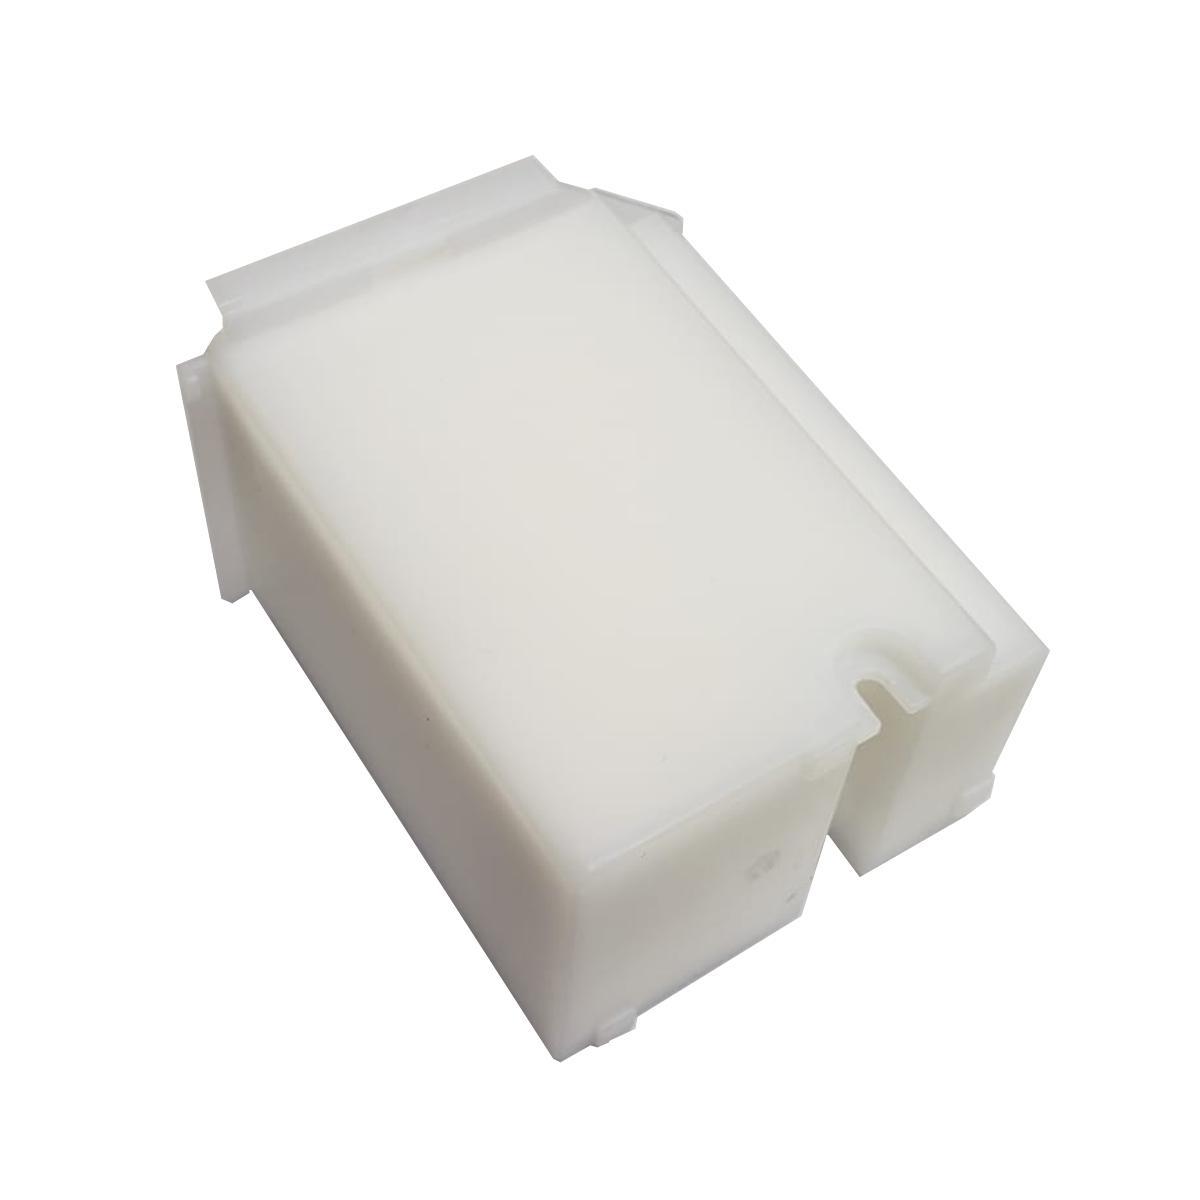 Kit Feltro para Epson L3110, L3150 e Similares (Veja mais modelos na descrição)